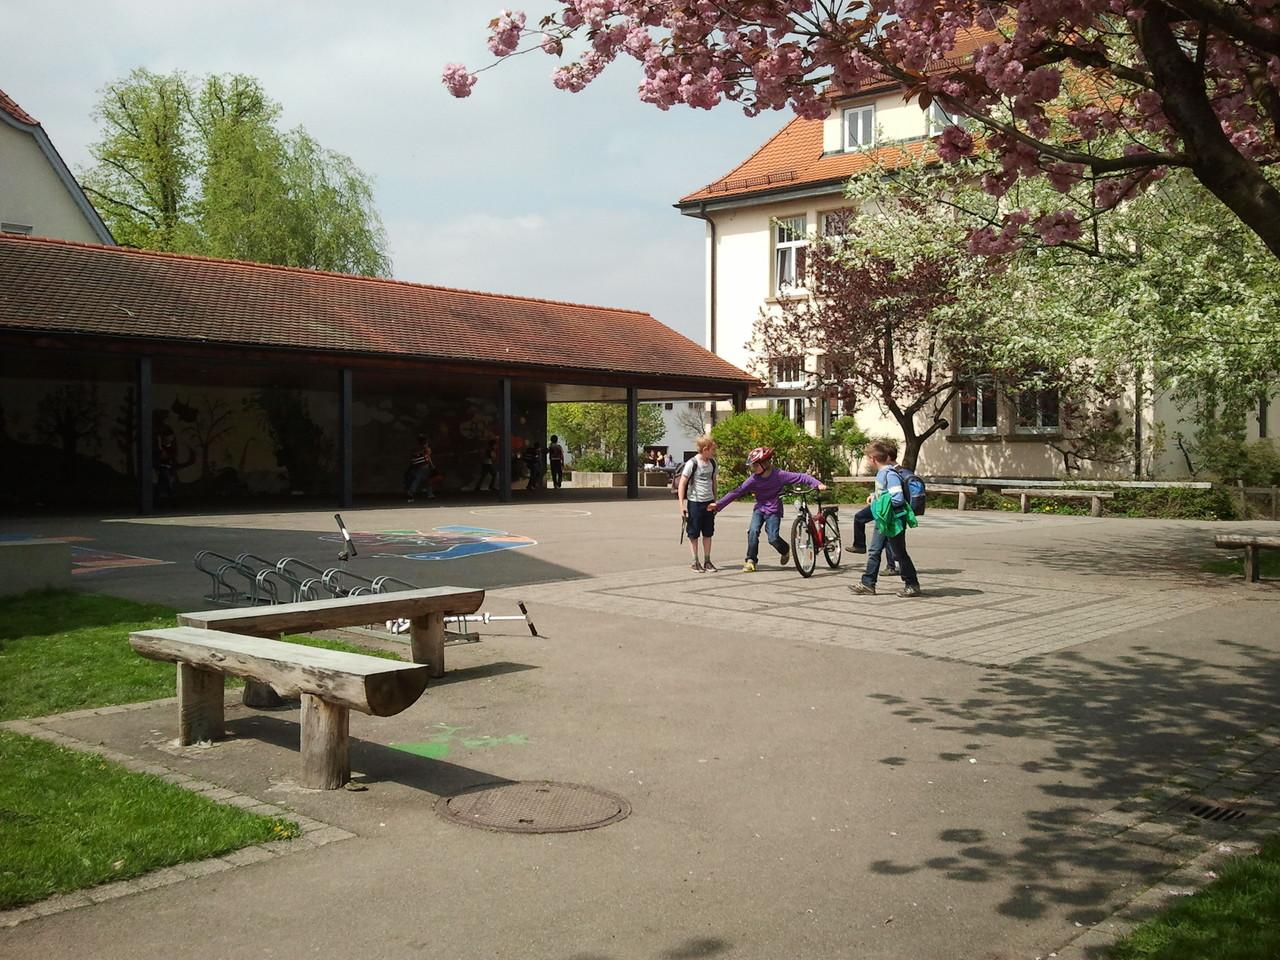 Schulhof vor der Pausenhalle